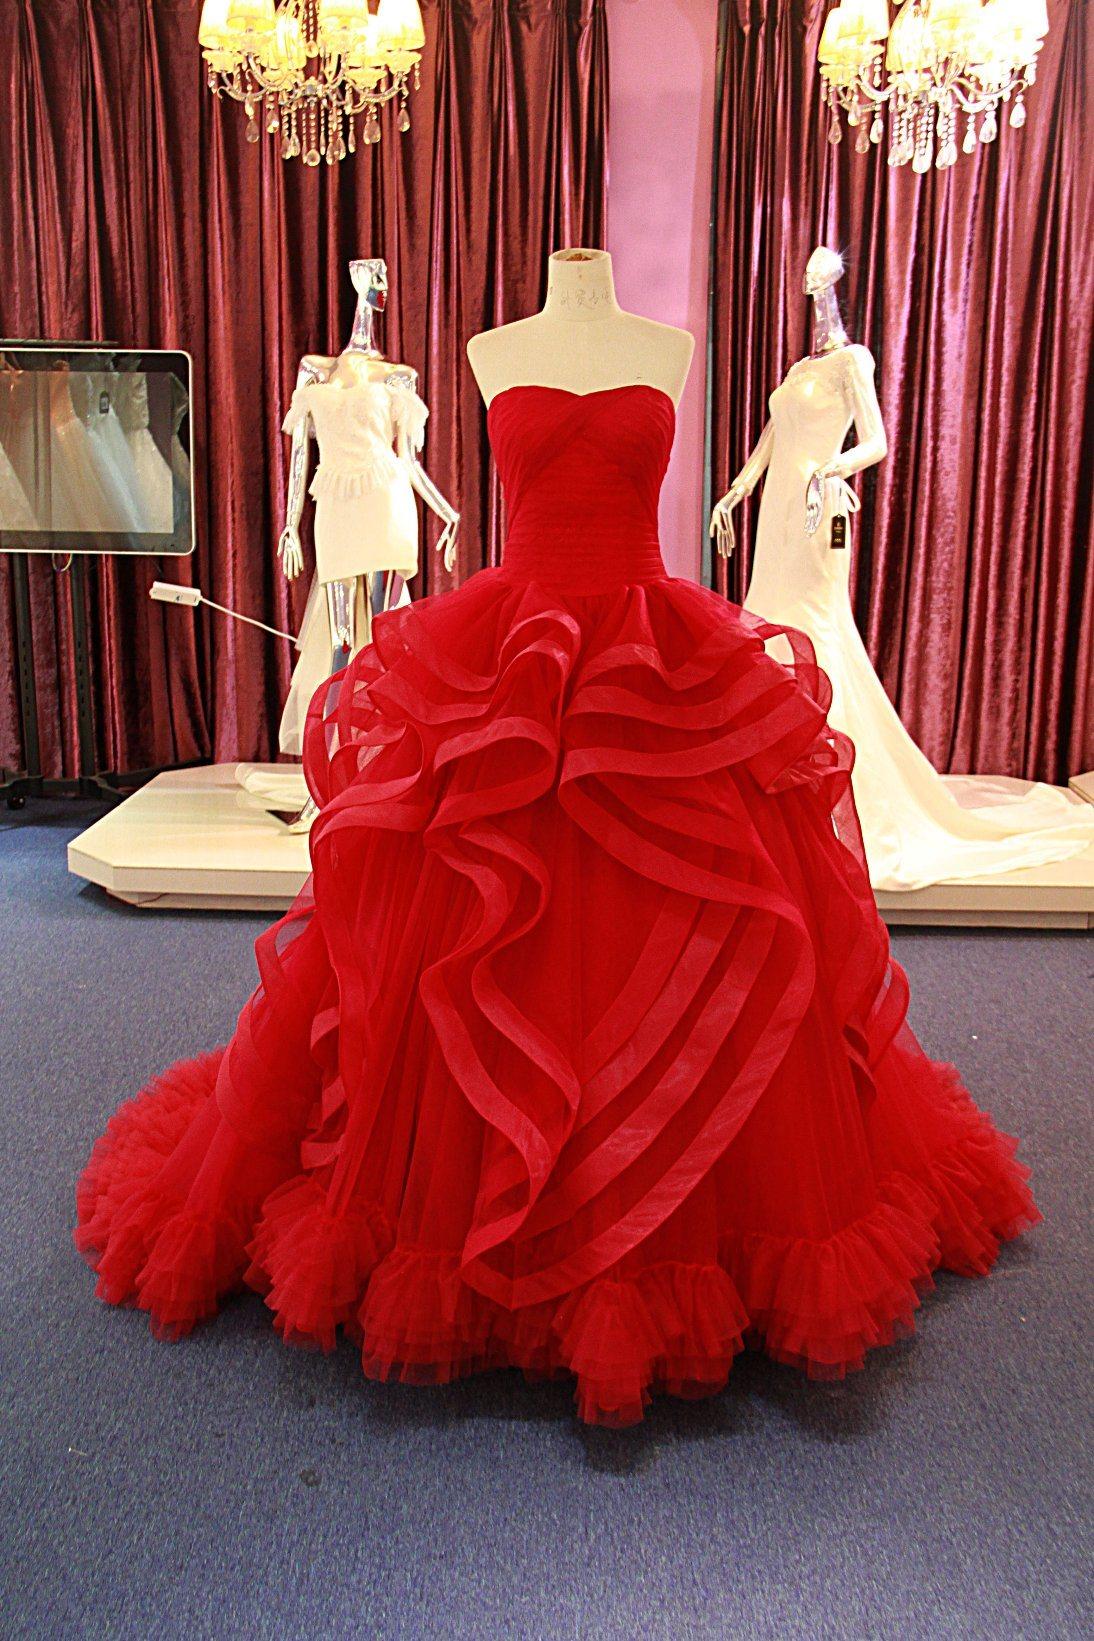 소녀 Ballgown 신부 저녁 Prom Quinceanera 실제적인 복장 T0220